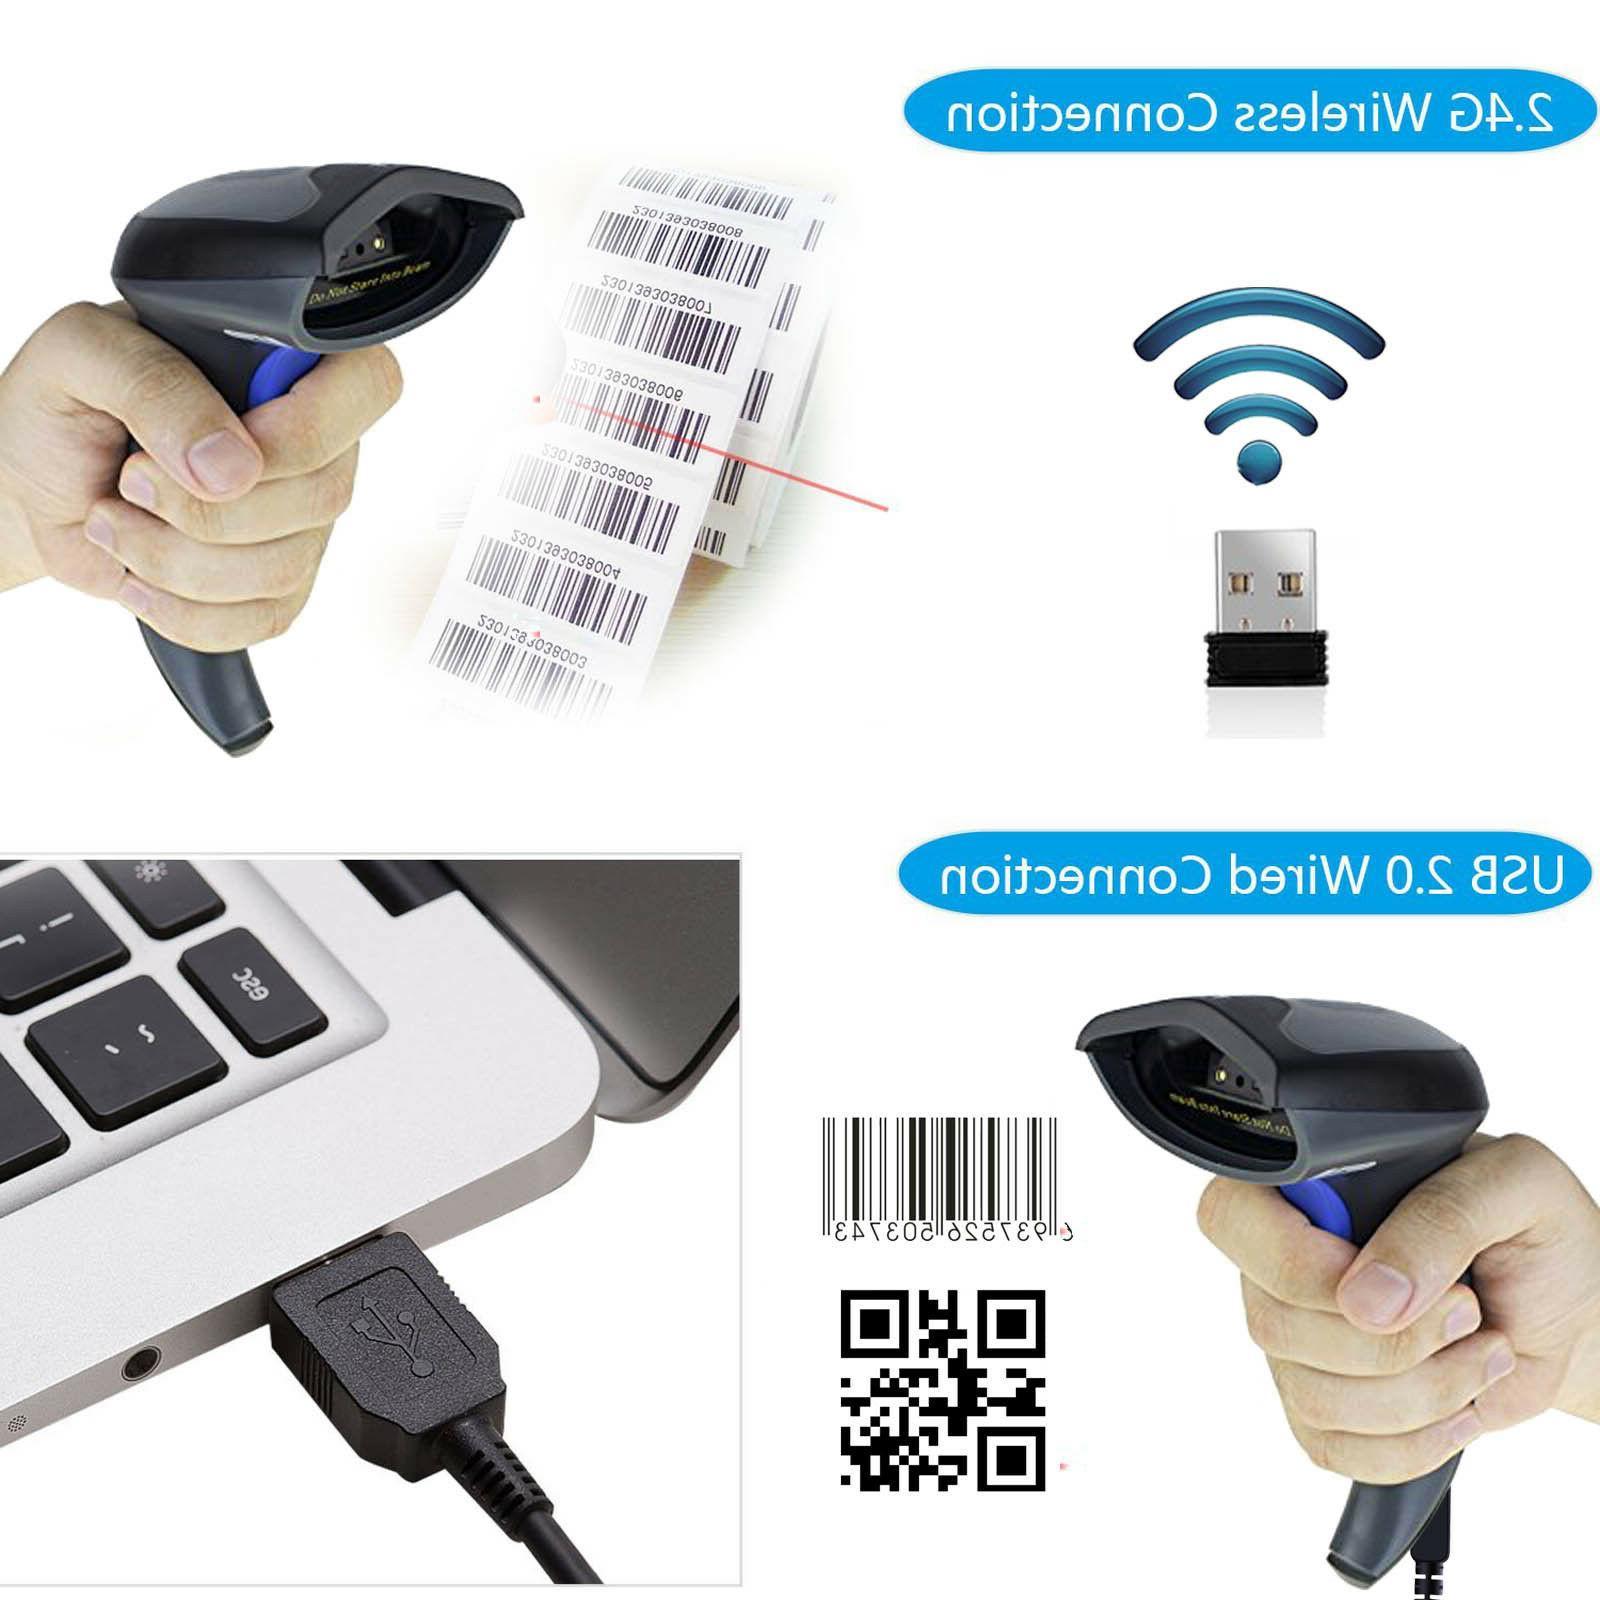 Wireless Scanner Handheld Laser